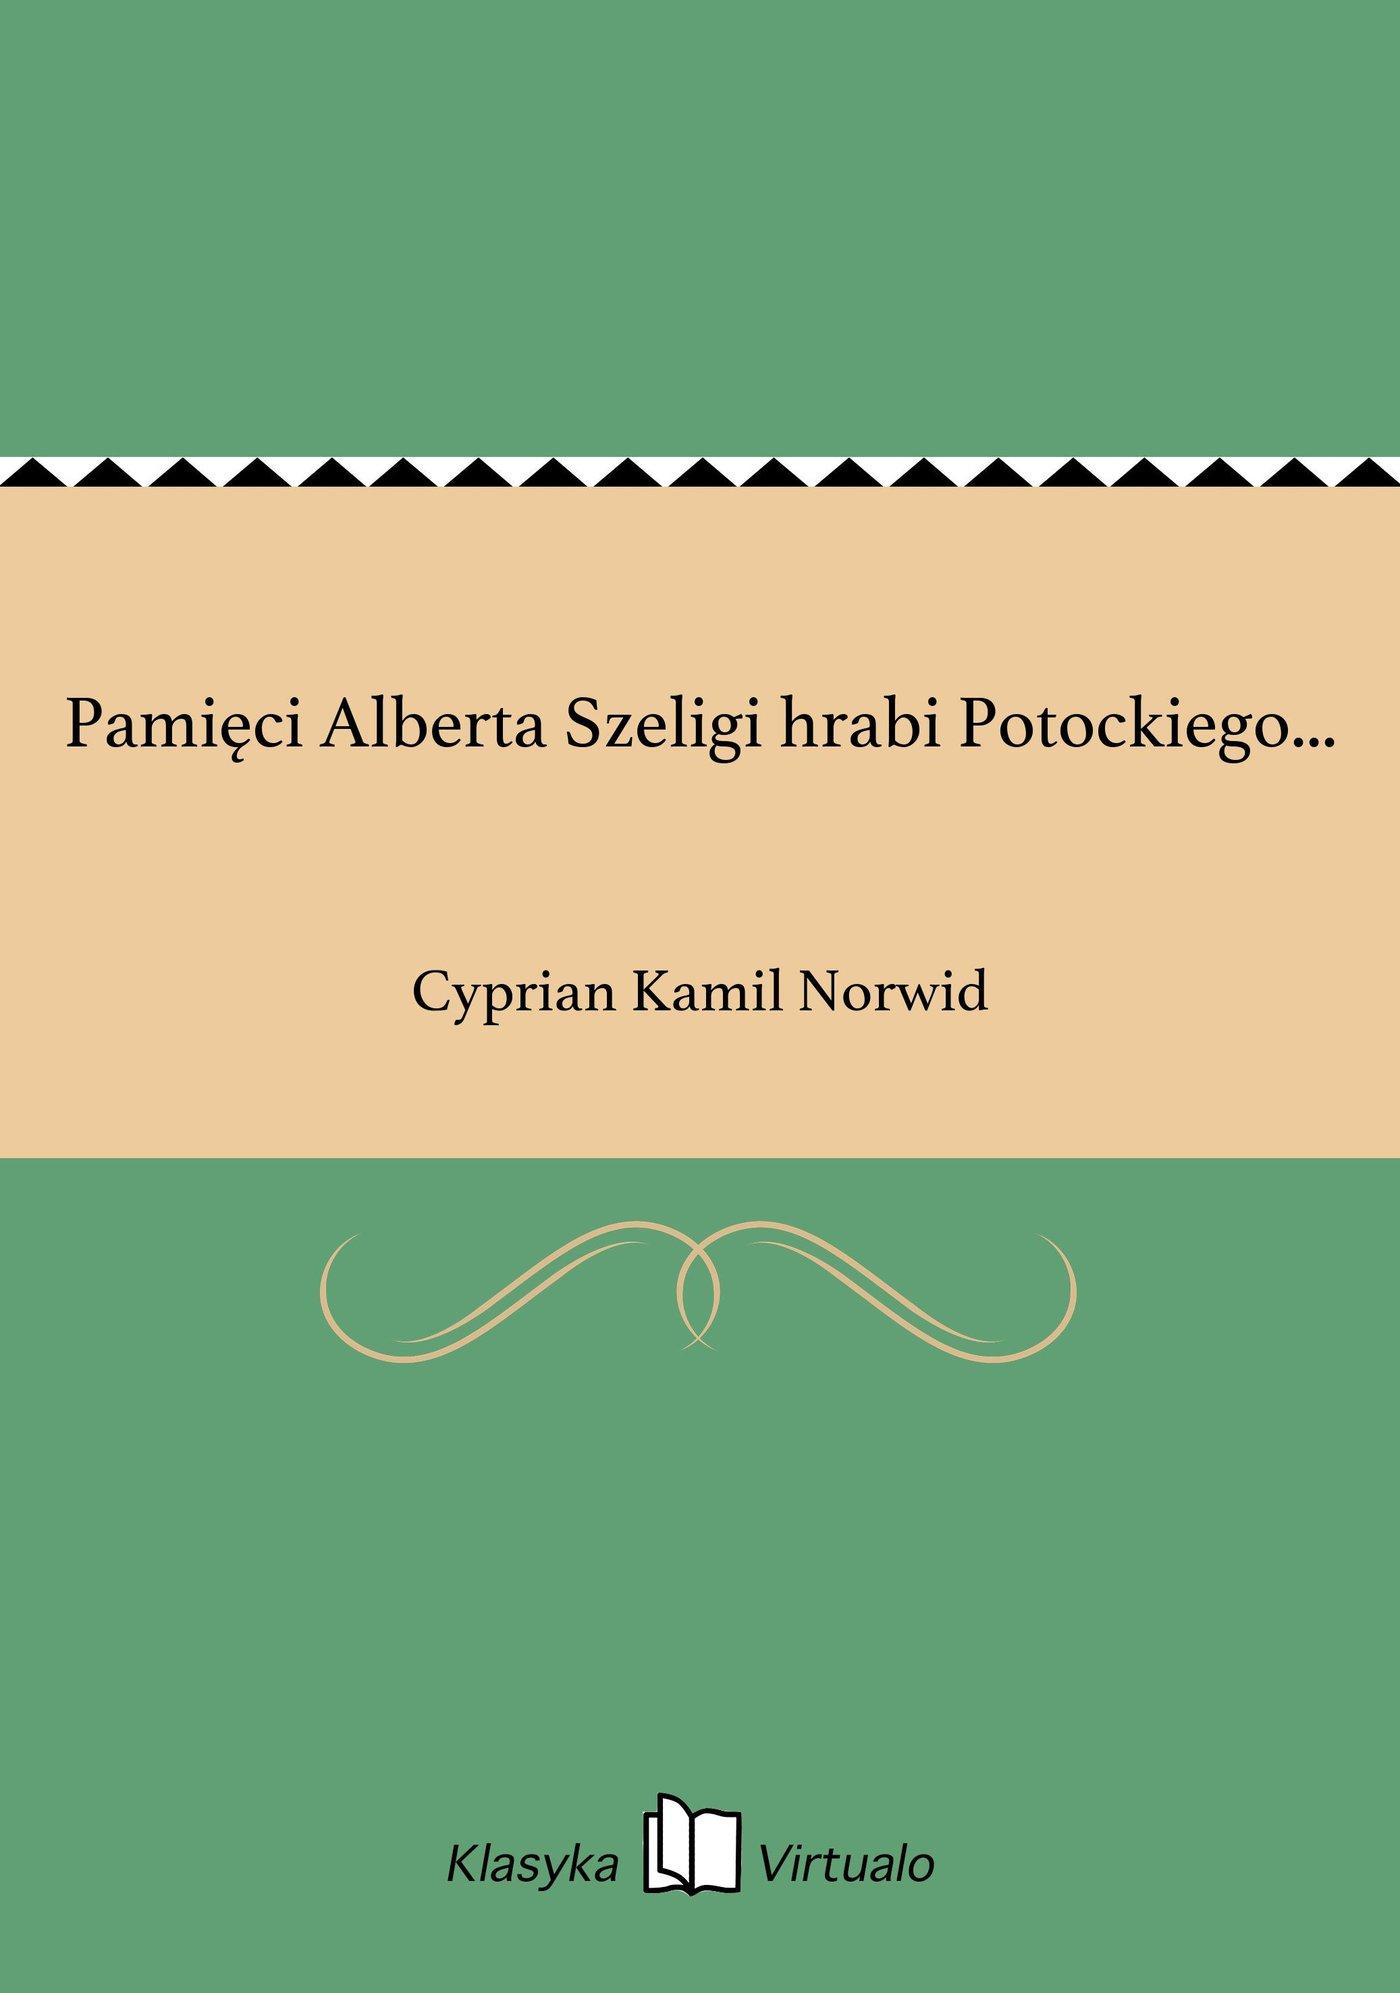 Pamięci Alberta Szeligi hrabi Potockiego... - Ebook (Książka EPUB) do pobrania w formacie EPUB